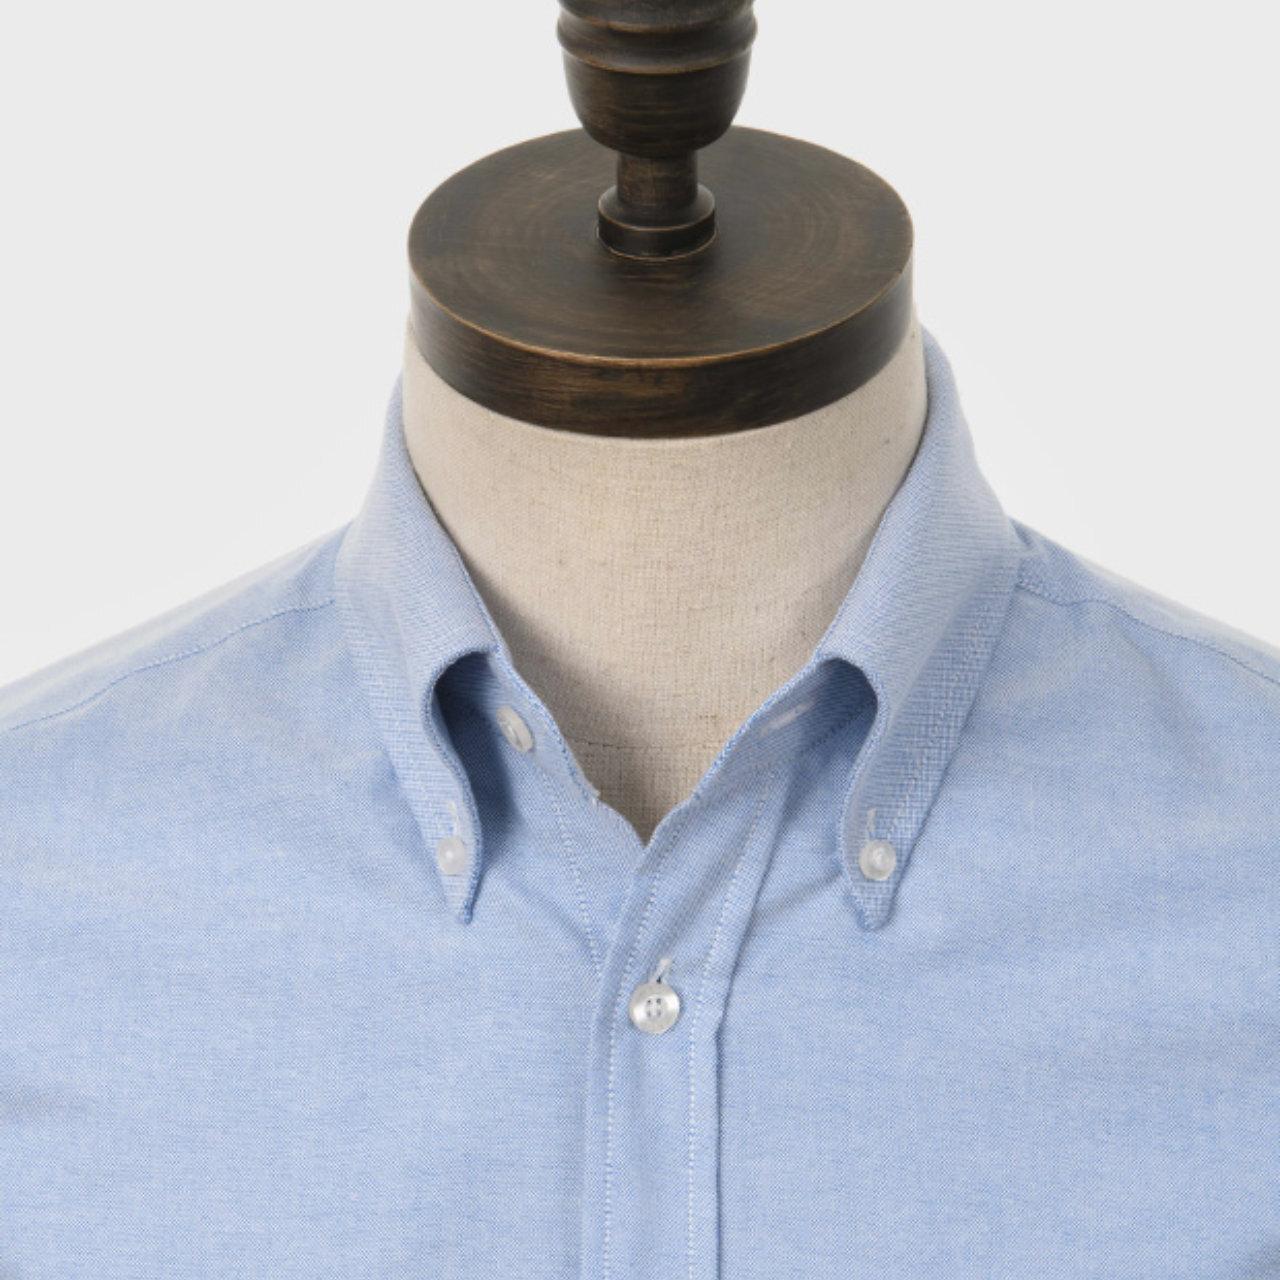 【ART GALLERY】オックスフォード ボタンダウン シャツ